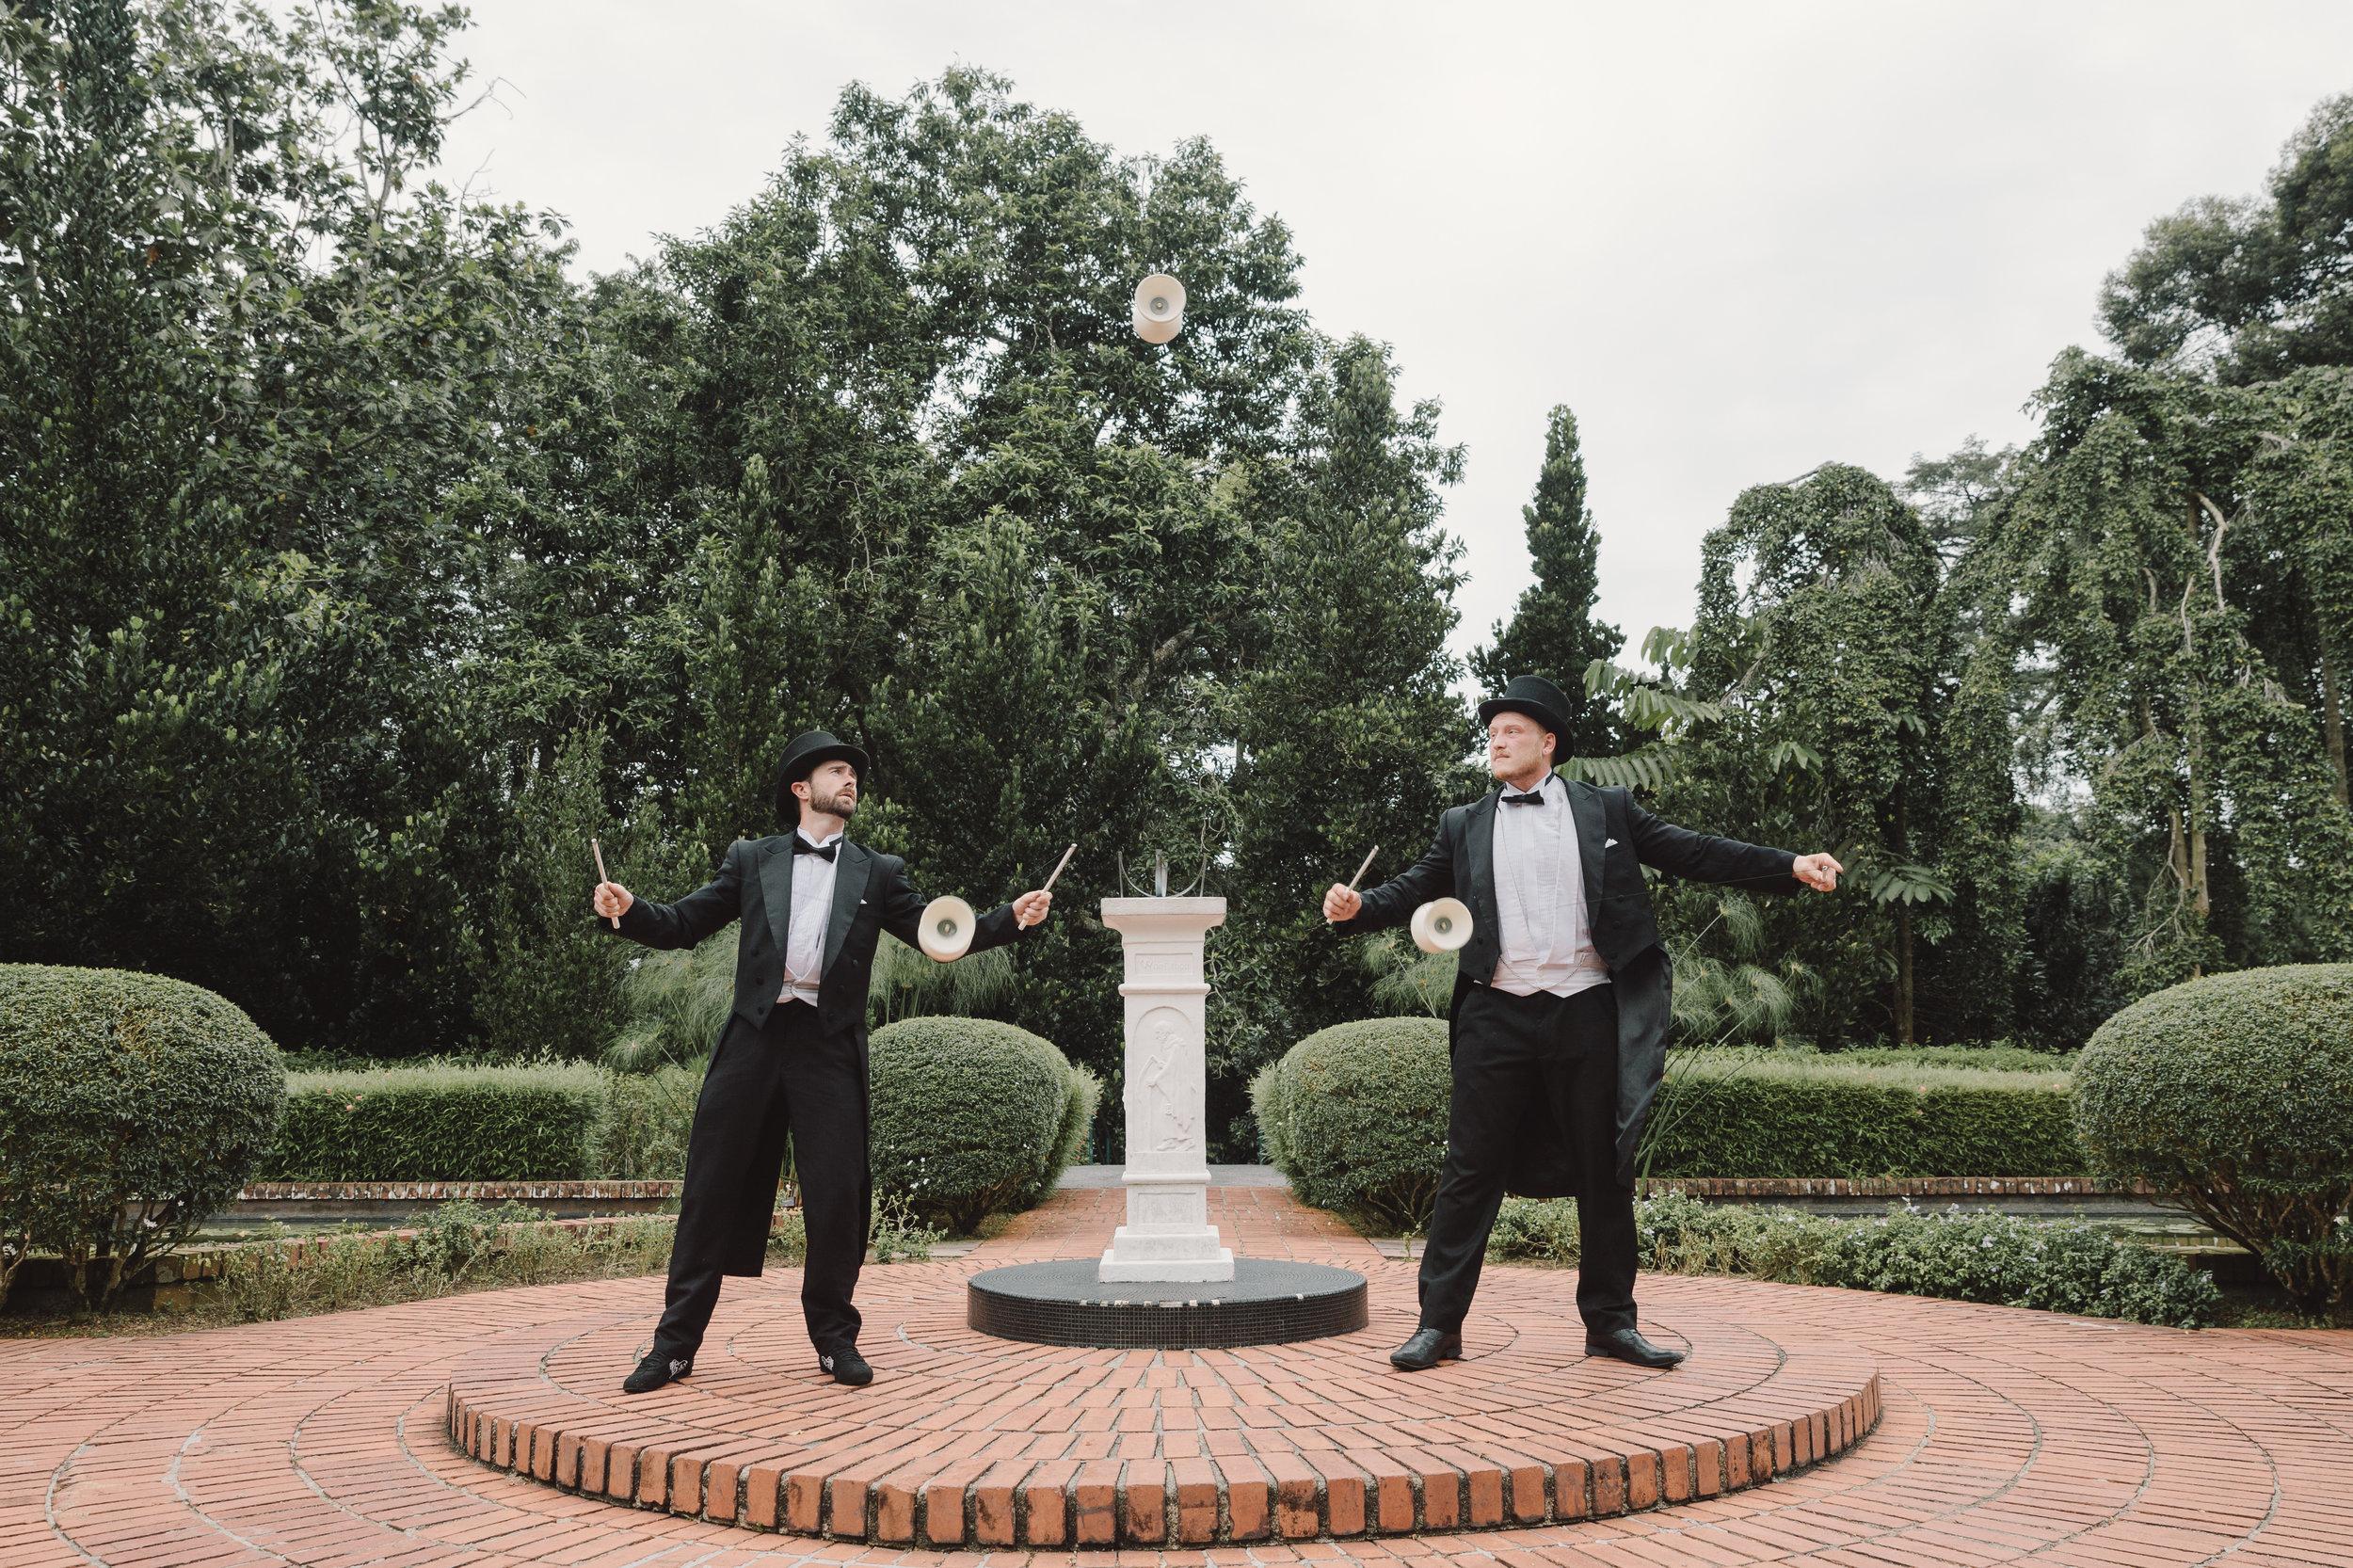 TWo Gentlemen  Juggling Acrobats